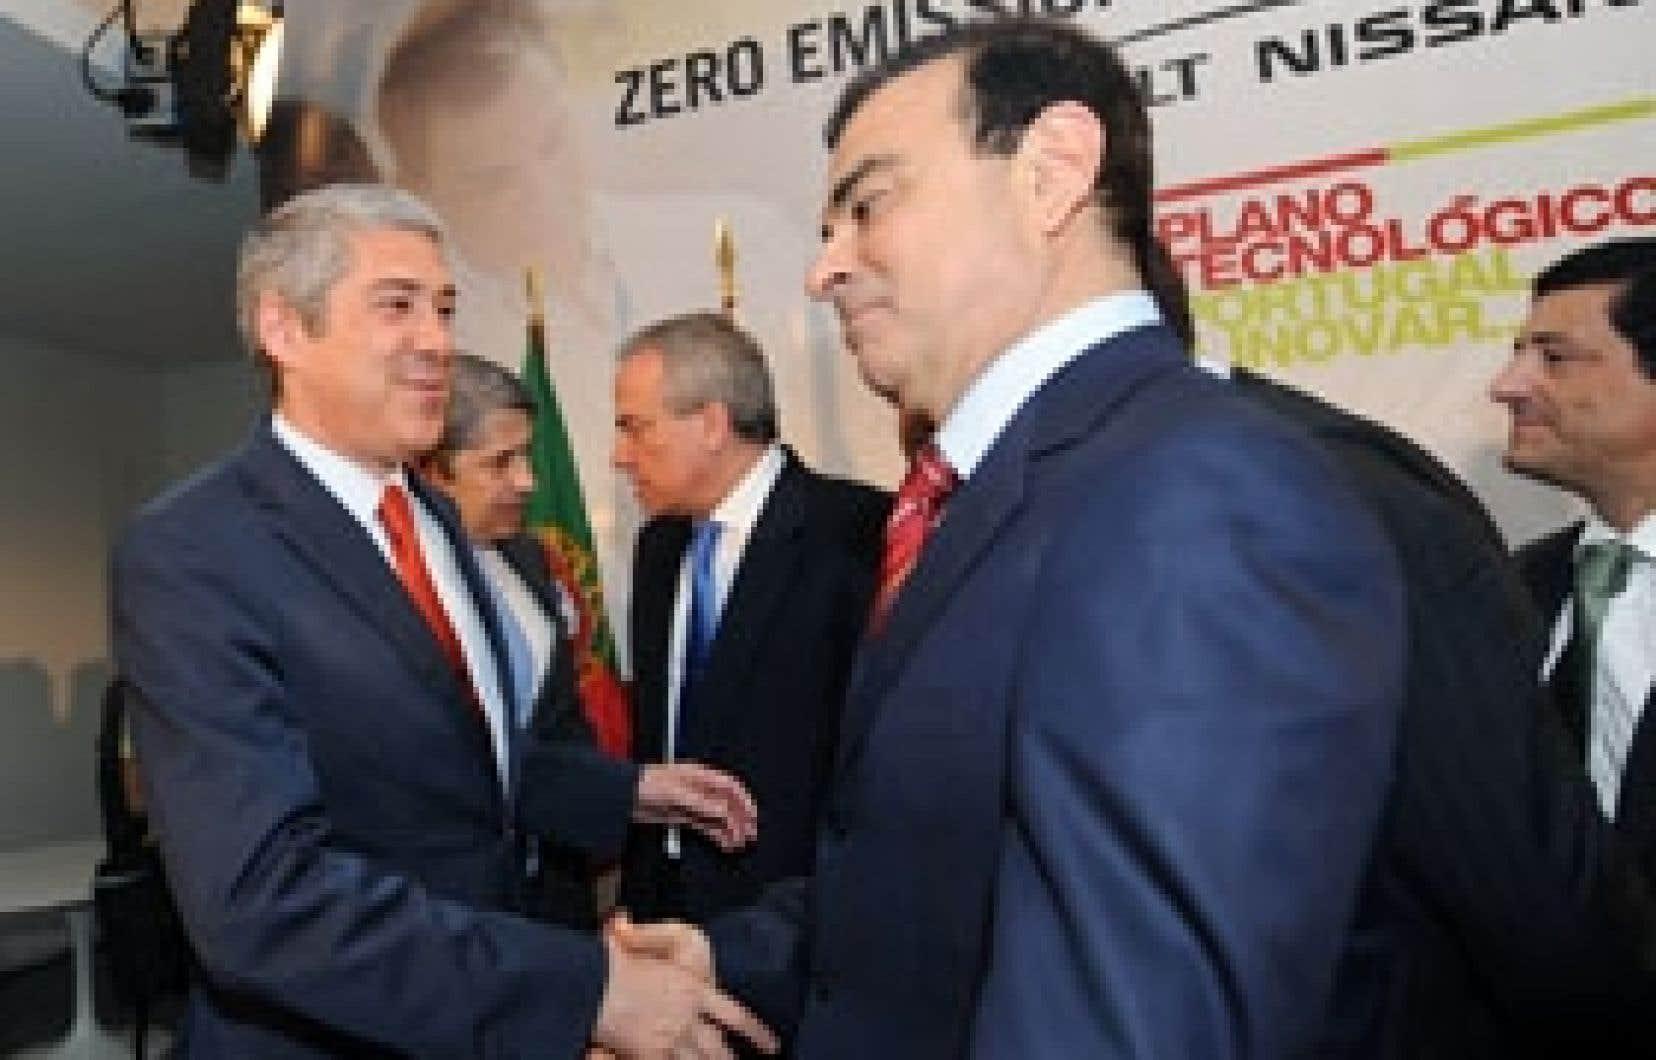 Le premier ministre portugais, José Socrates, a serré la main du patron du groupe Renault-Nissan, Carlos Ghosn, scellant ainsi un protocole d'accord signé hier à Lisbonne. Le gouvernement portugais s'engage à créer les conditions favorables à